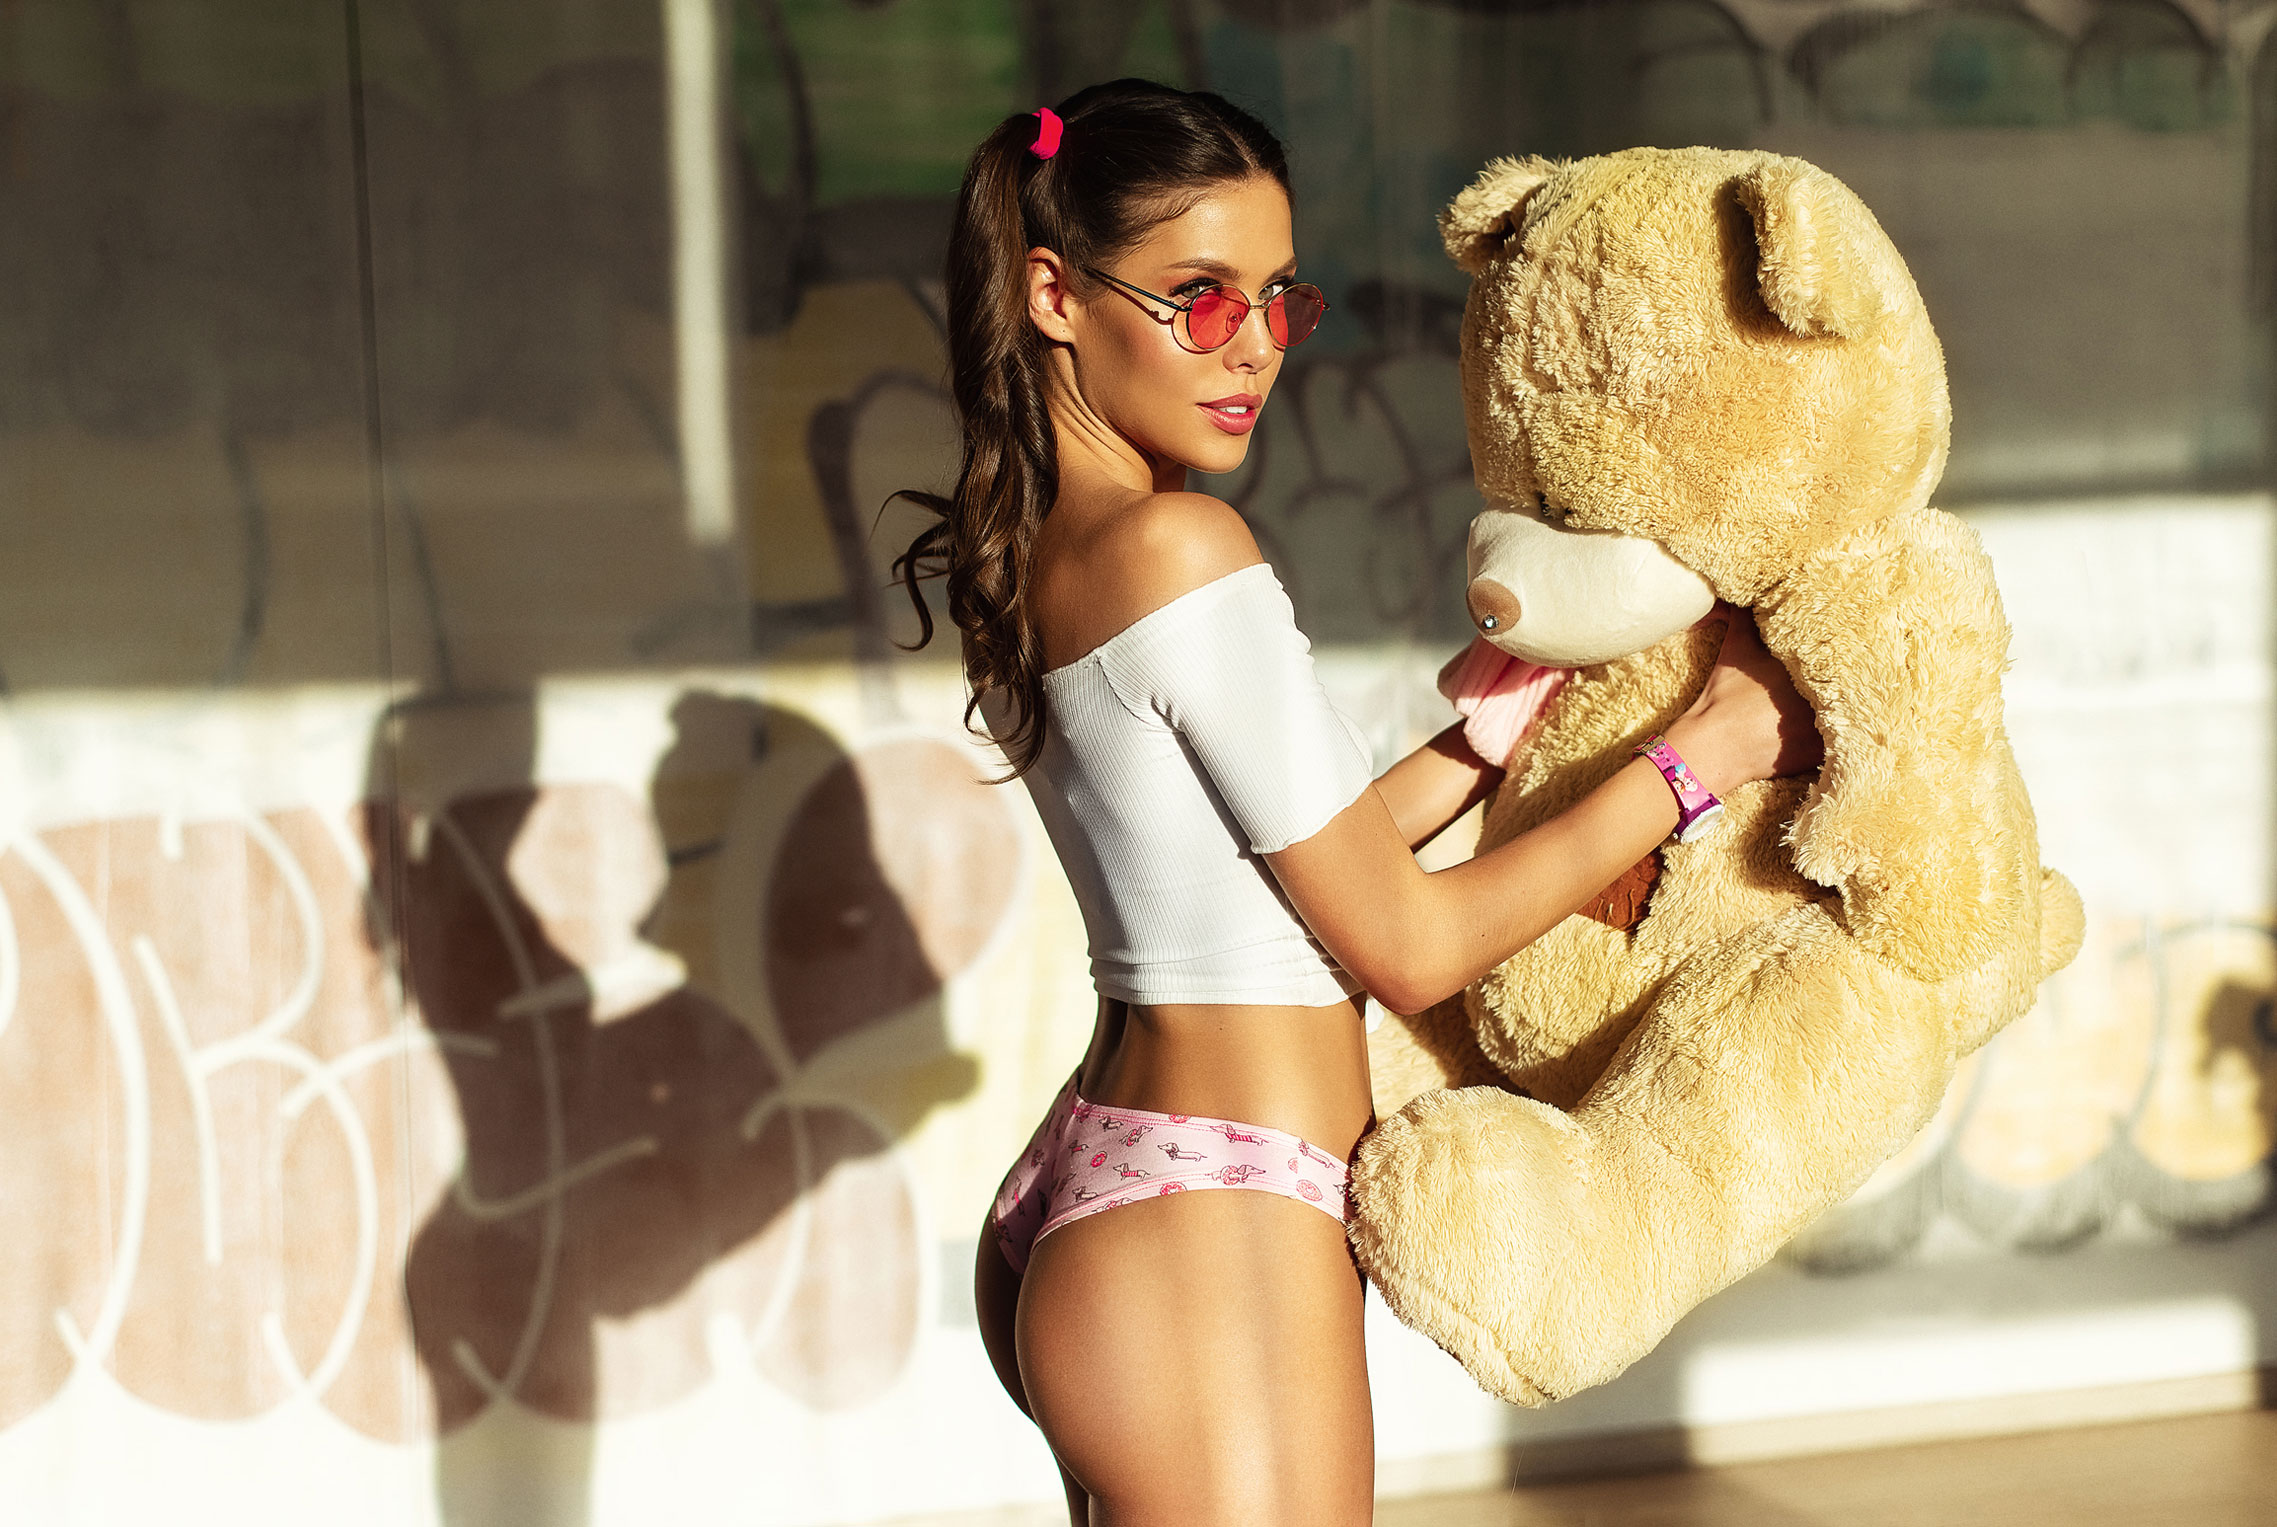 Взрослые игры с игрушечным медведем - Катя Созинова / Kate Sozinova by Nikolas Verano